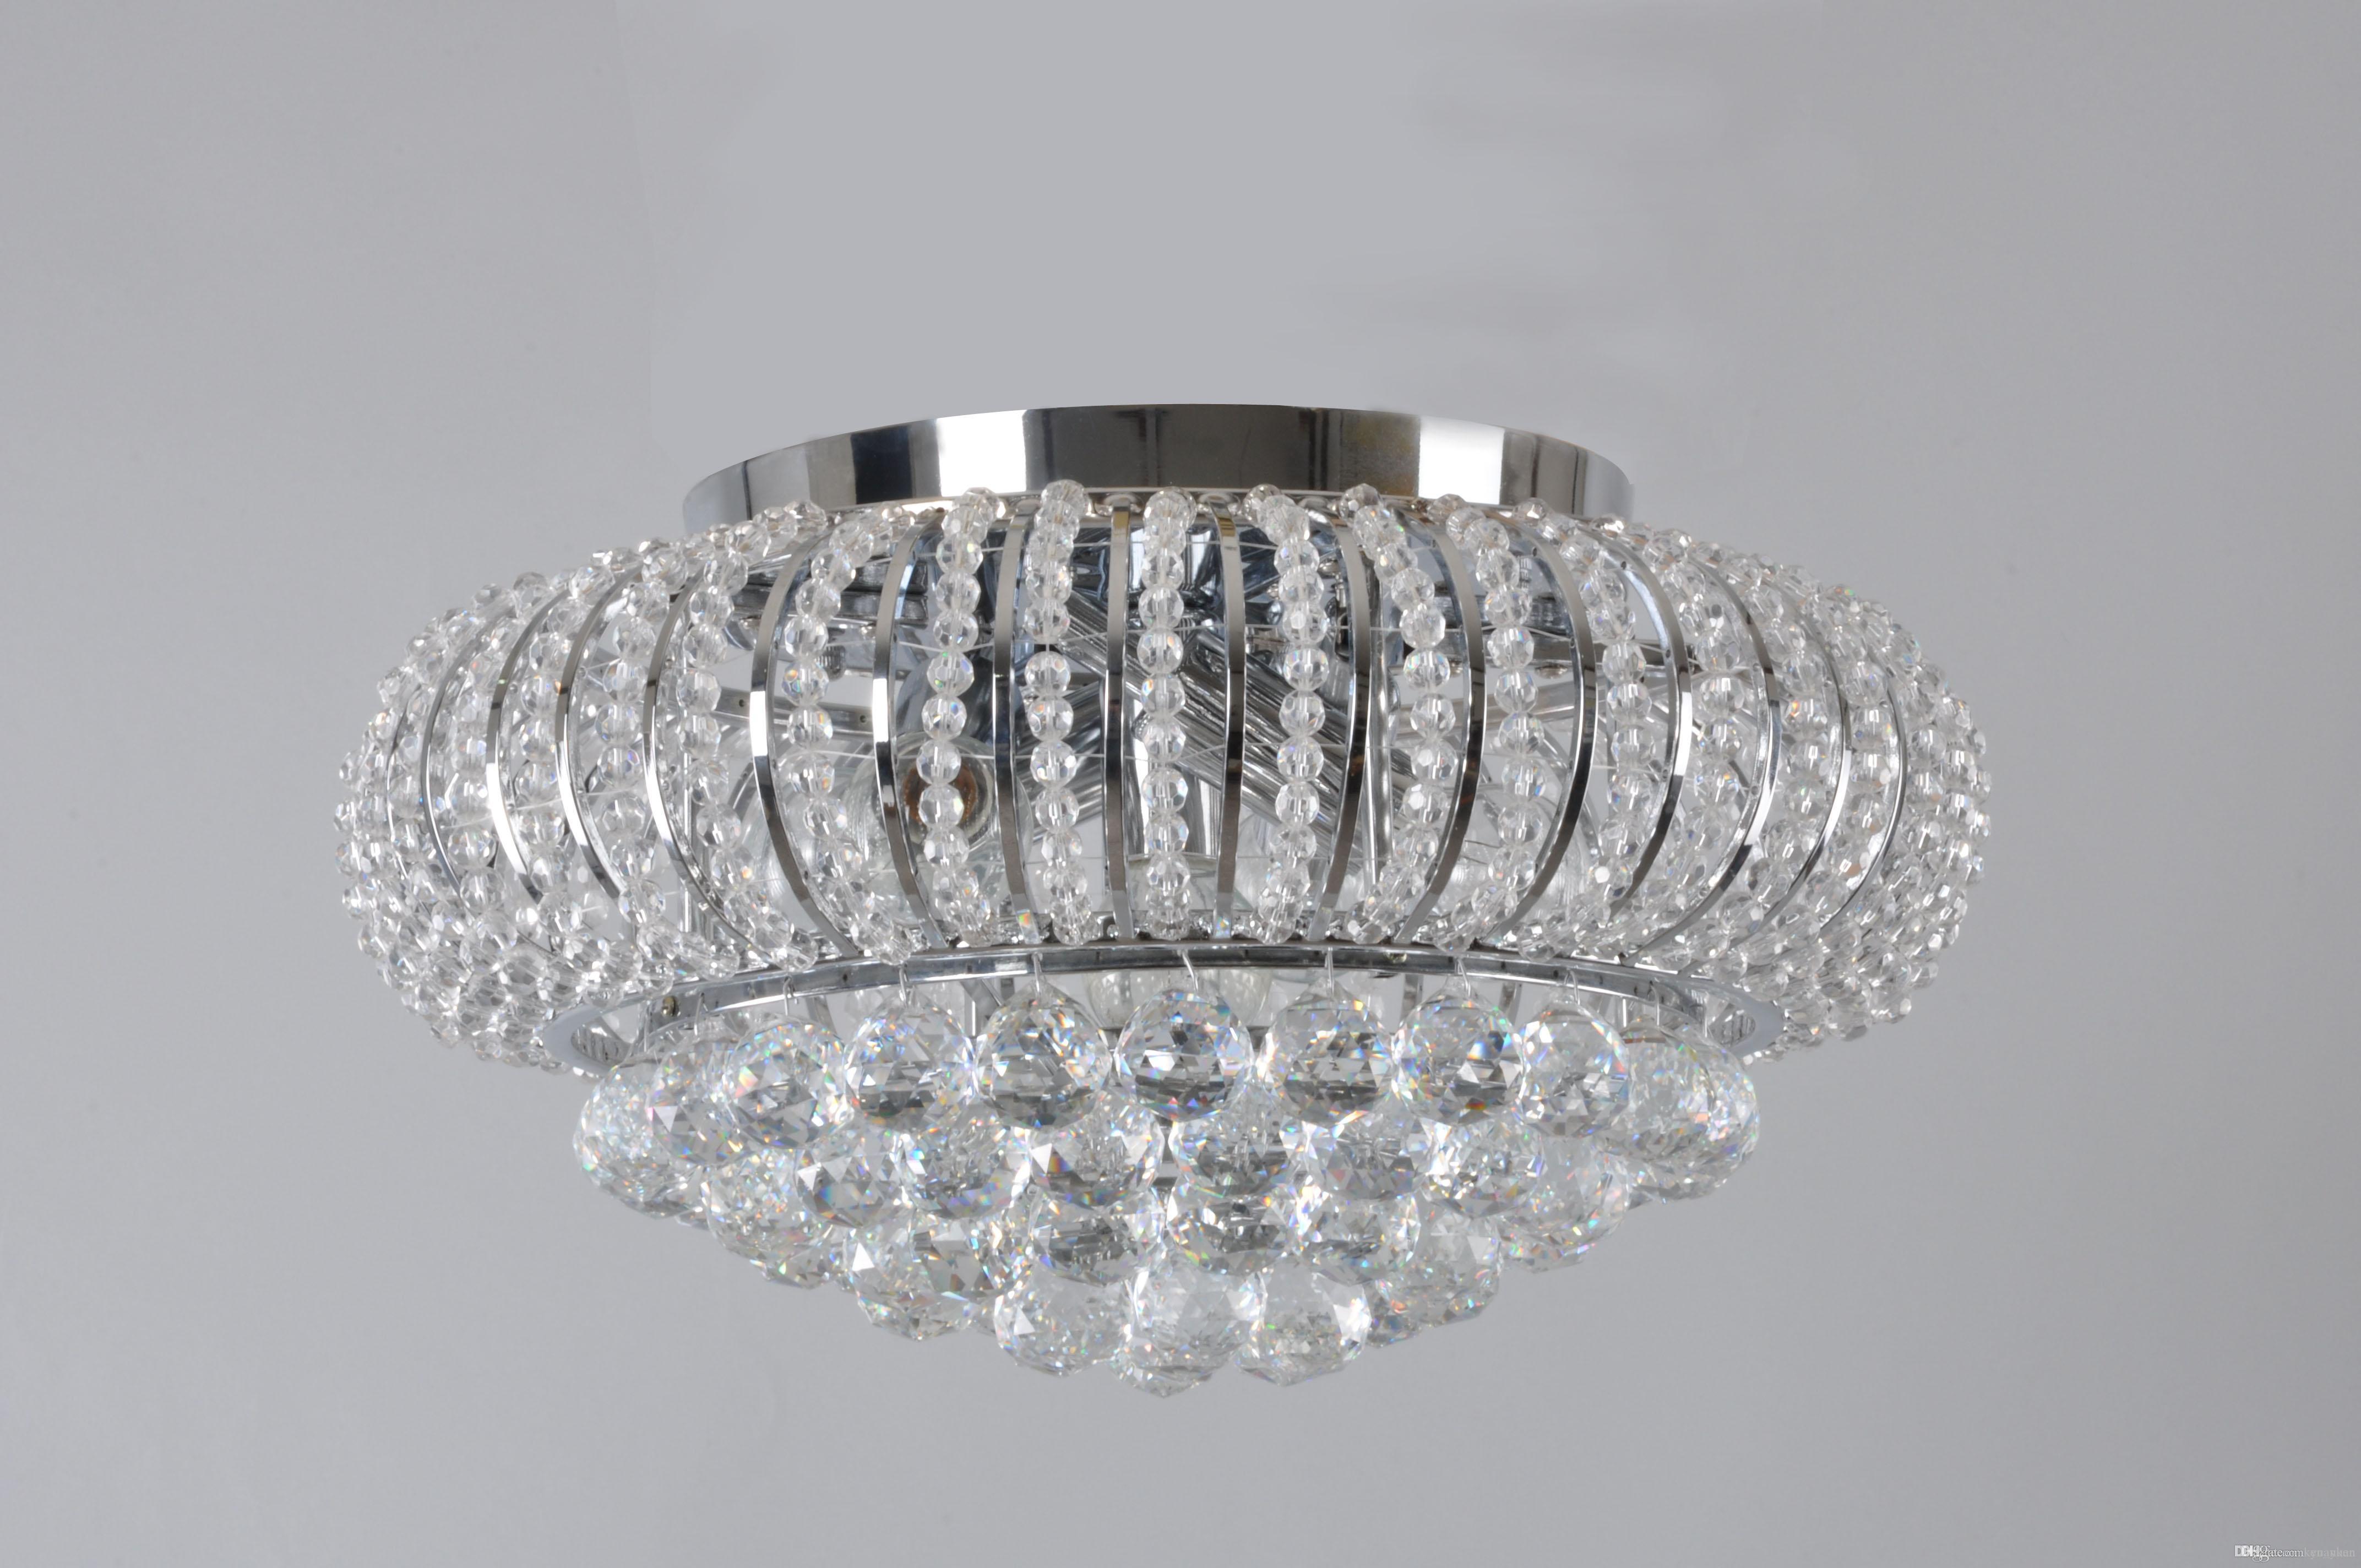 Best Ceiling Lights Living Room Bed Room Crystal Ceiling Lights Star  Shining Crystal 5 Light Flush